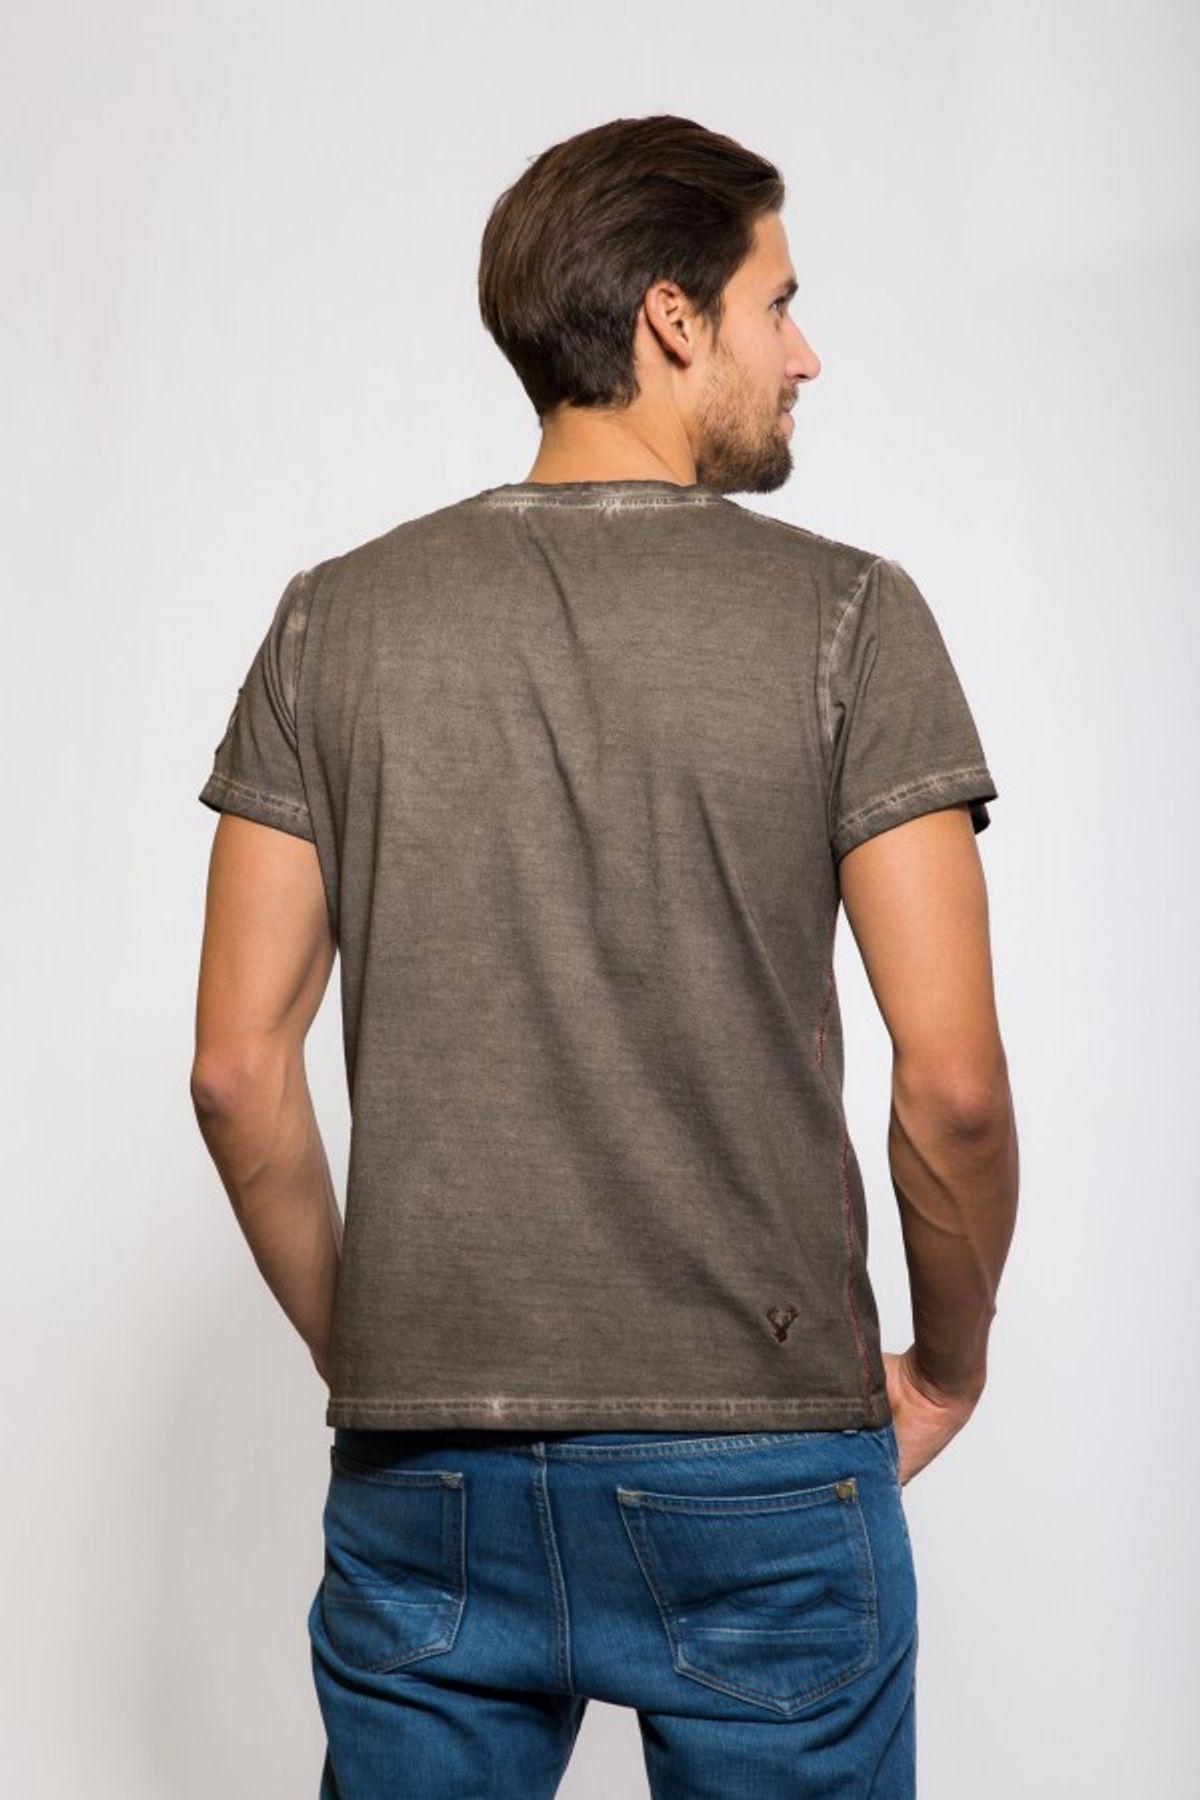 Krüger - Herren Trachten T-Shirt in braun, Pack Ma´s Buam (93202-7) – Bild 7